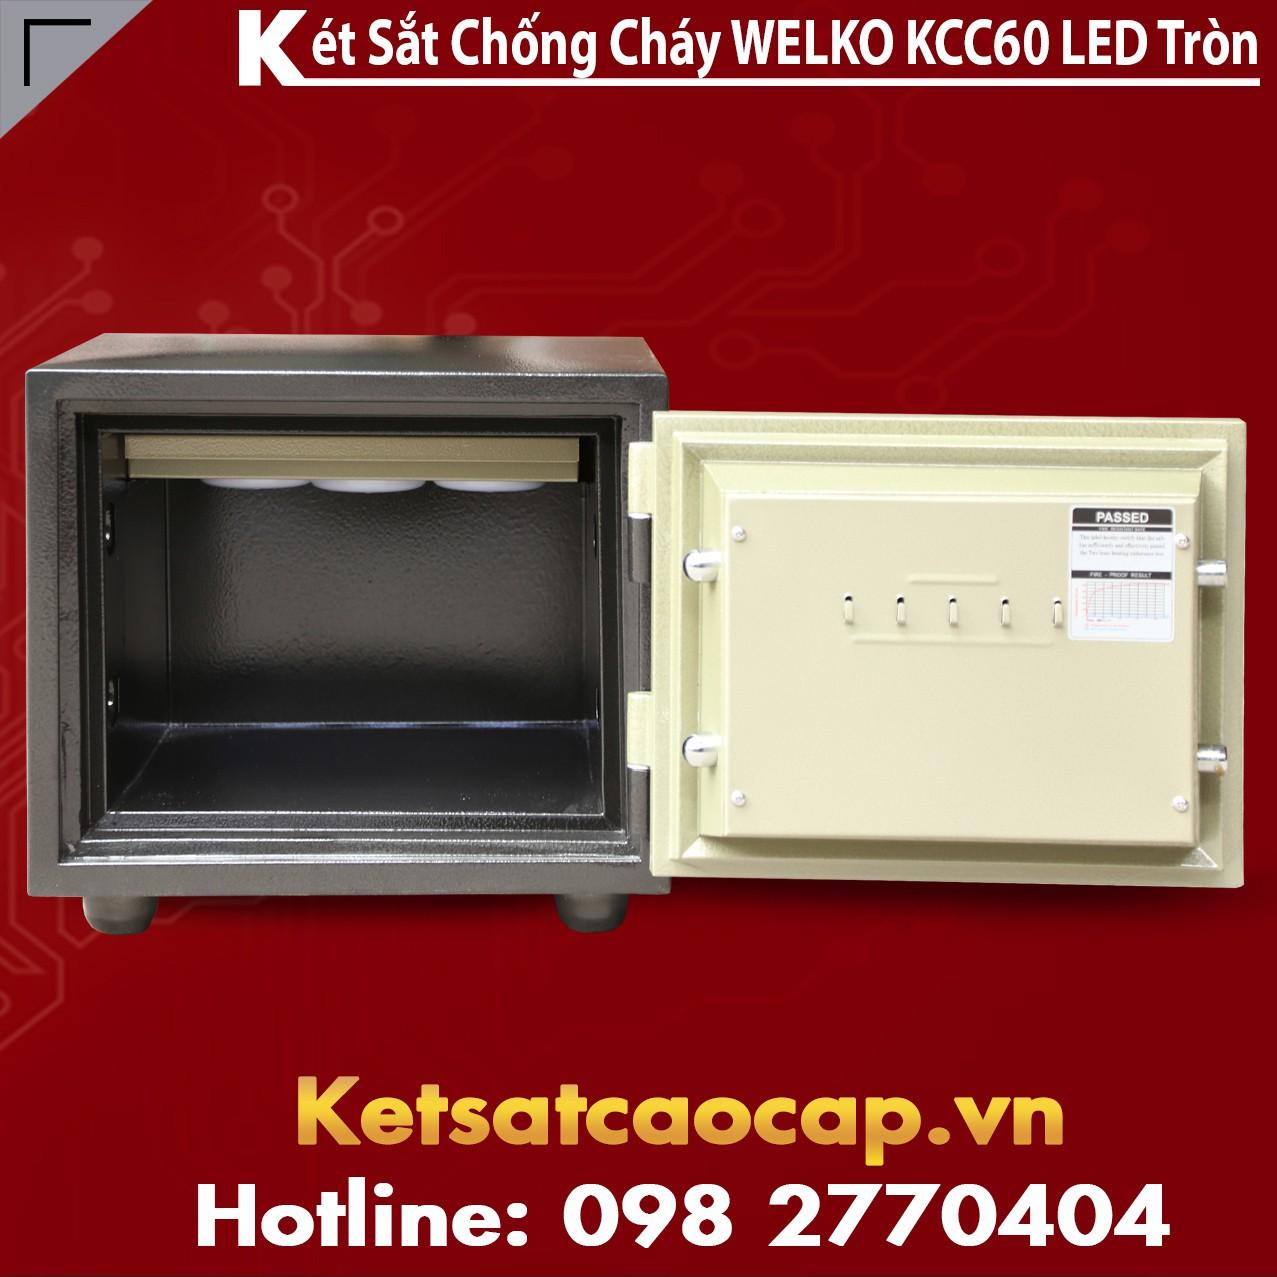 Két Sắt Chống Trộm KCC60 - Led Tròn